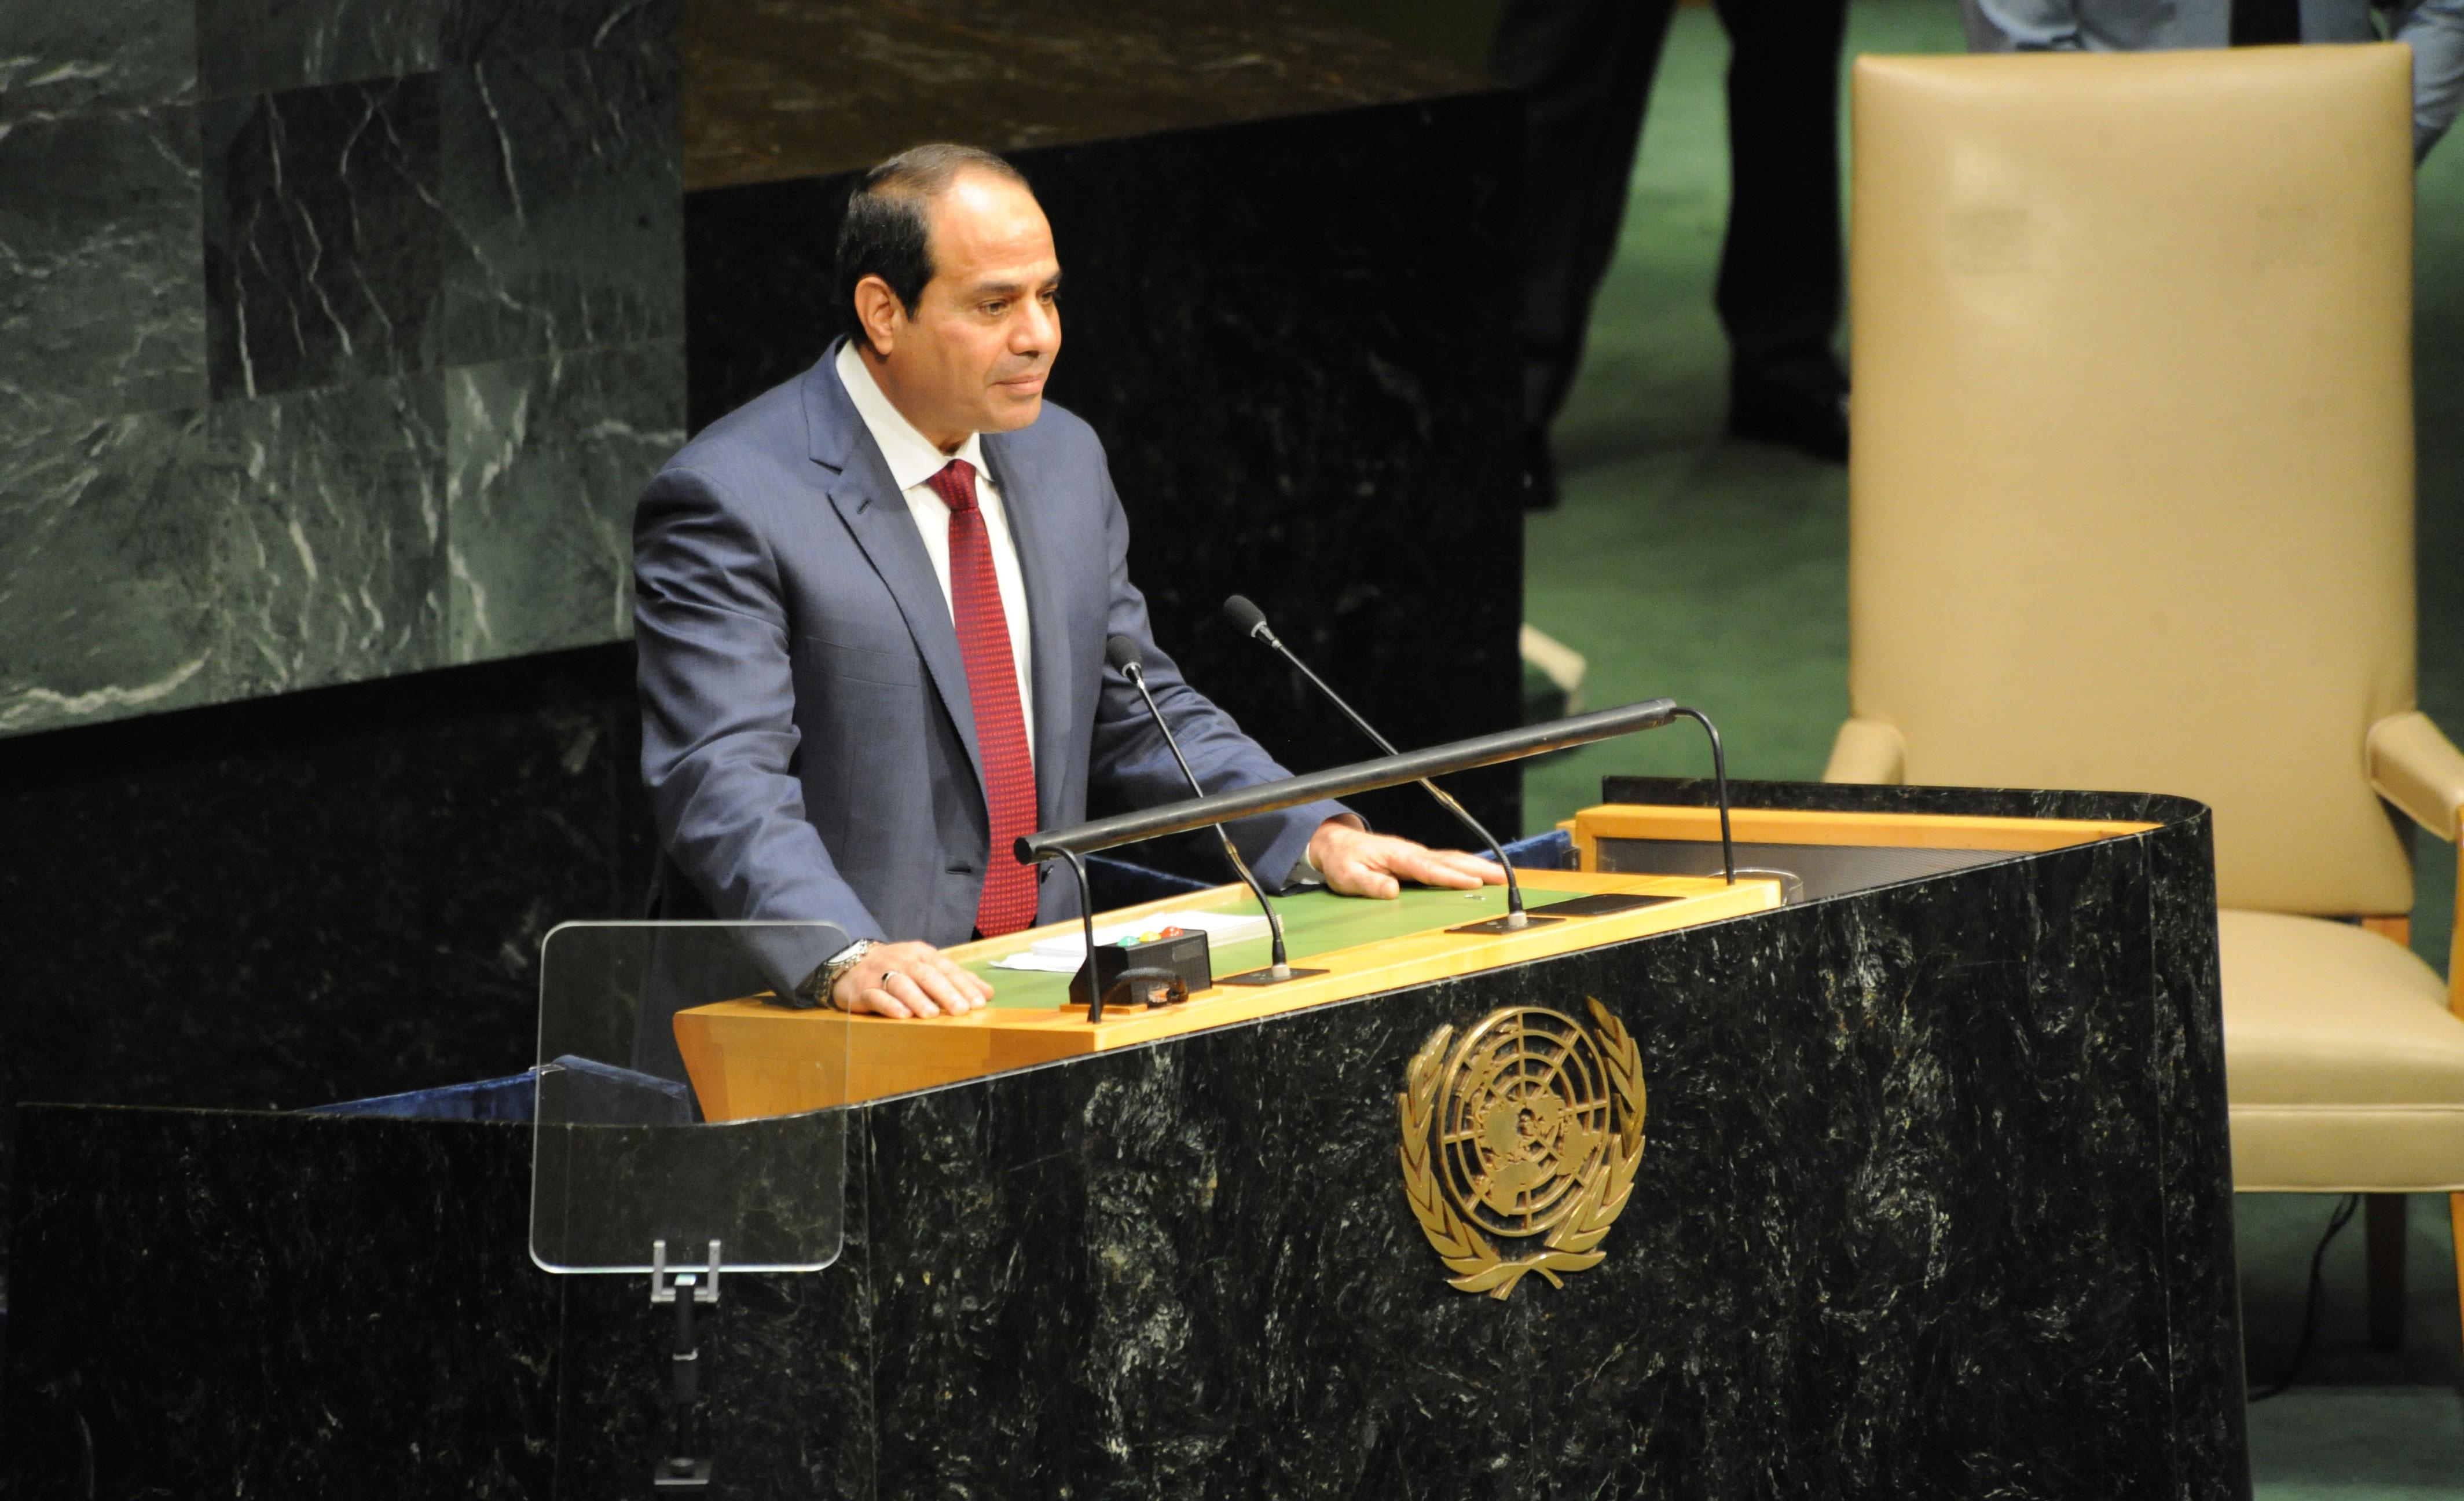 مشاركة الرئيس السيسي في اجتماعات الأمم المتحدة تتصدر اهتمامات صحف القاهرة